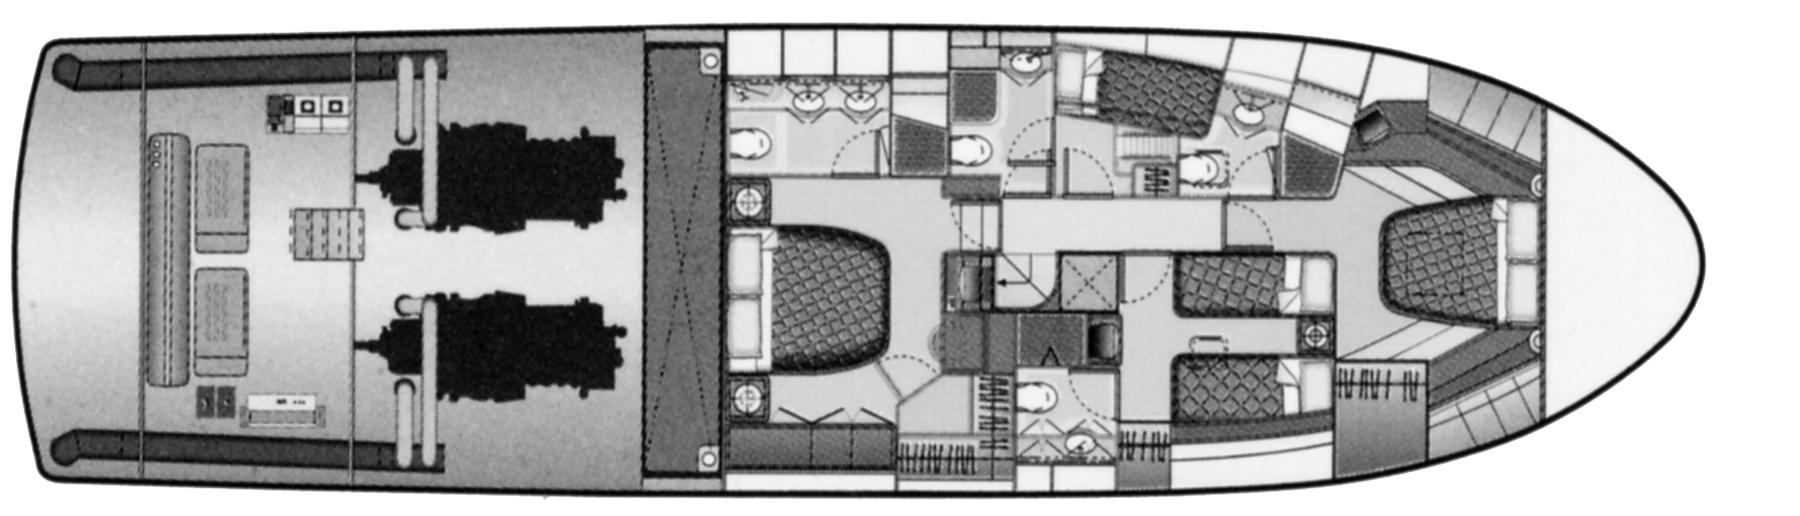 Bertram 670 Convertible Floor Plan 2